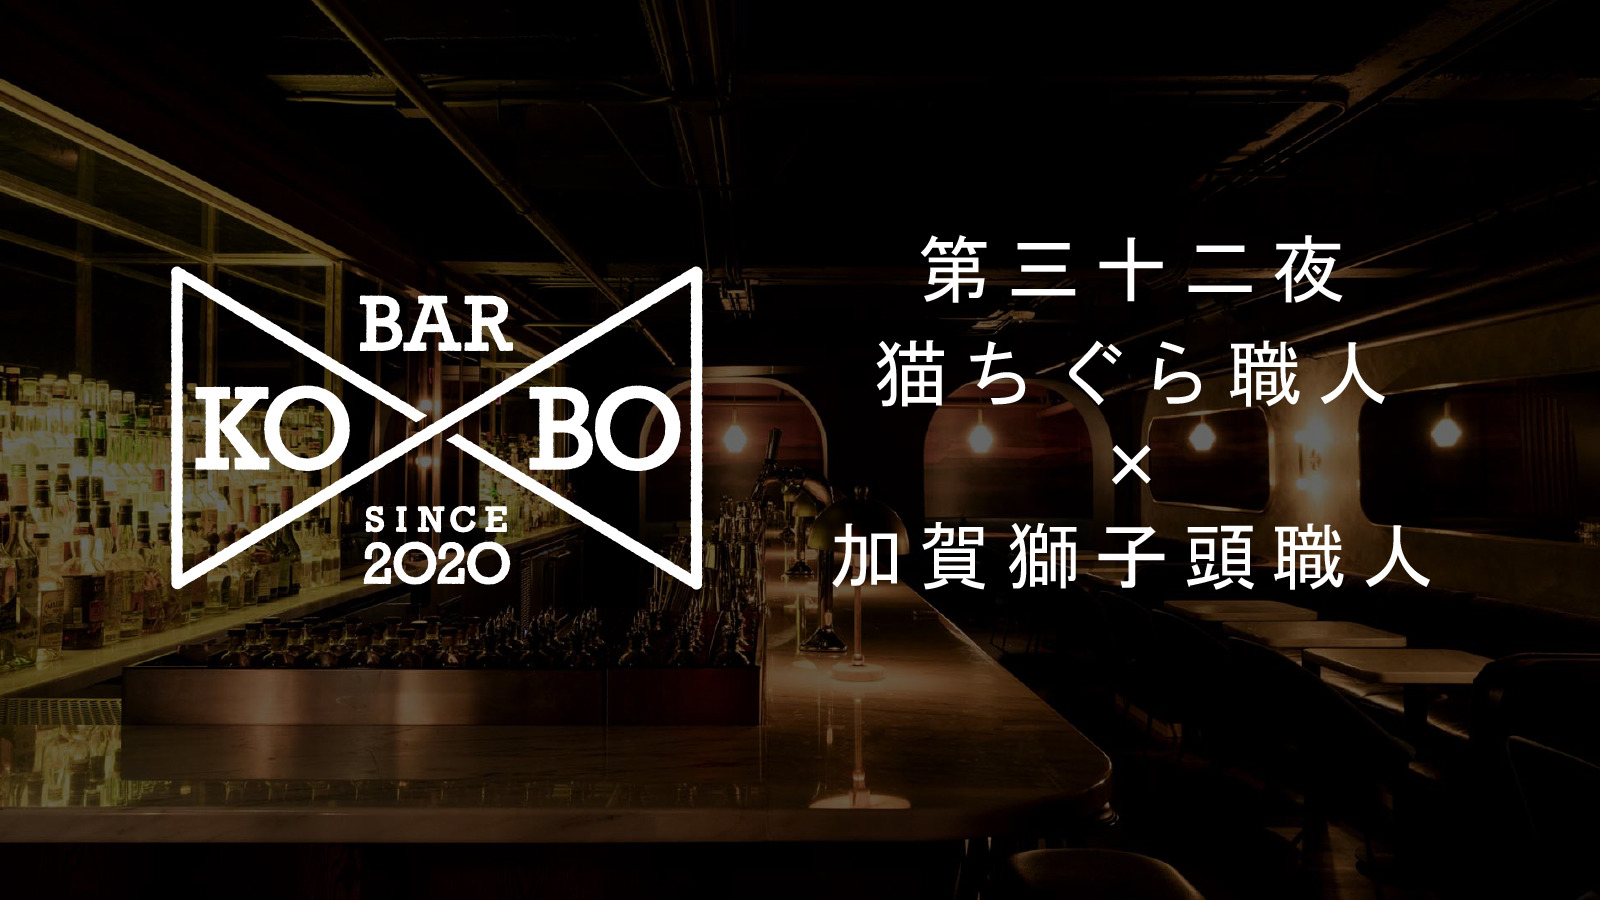 【Bar KO-BO 第三十二夜】猫ちぐら職人×加賀獅子頭職人